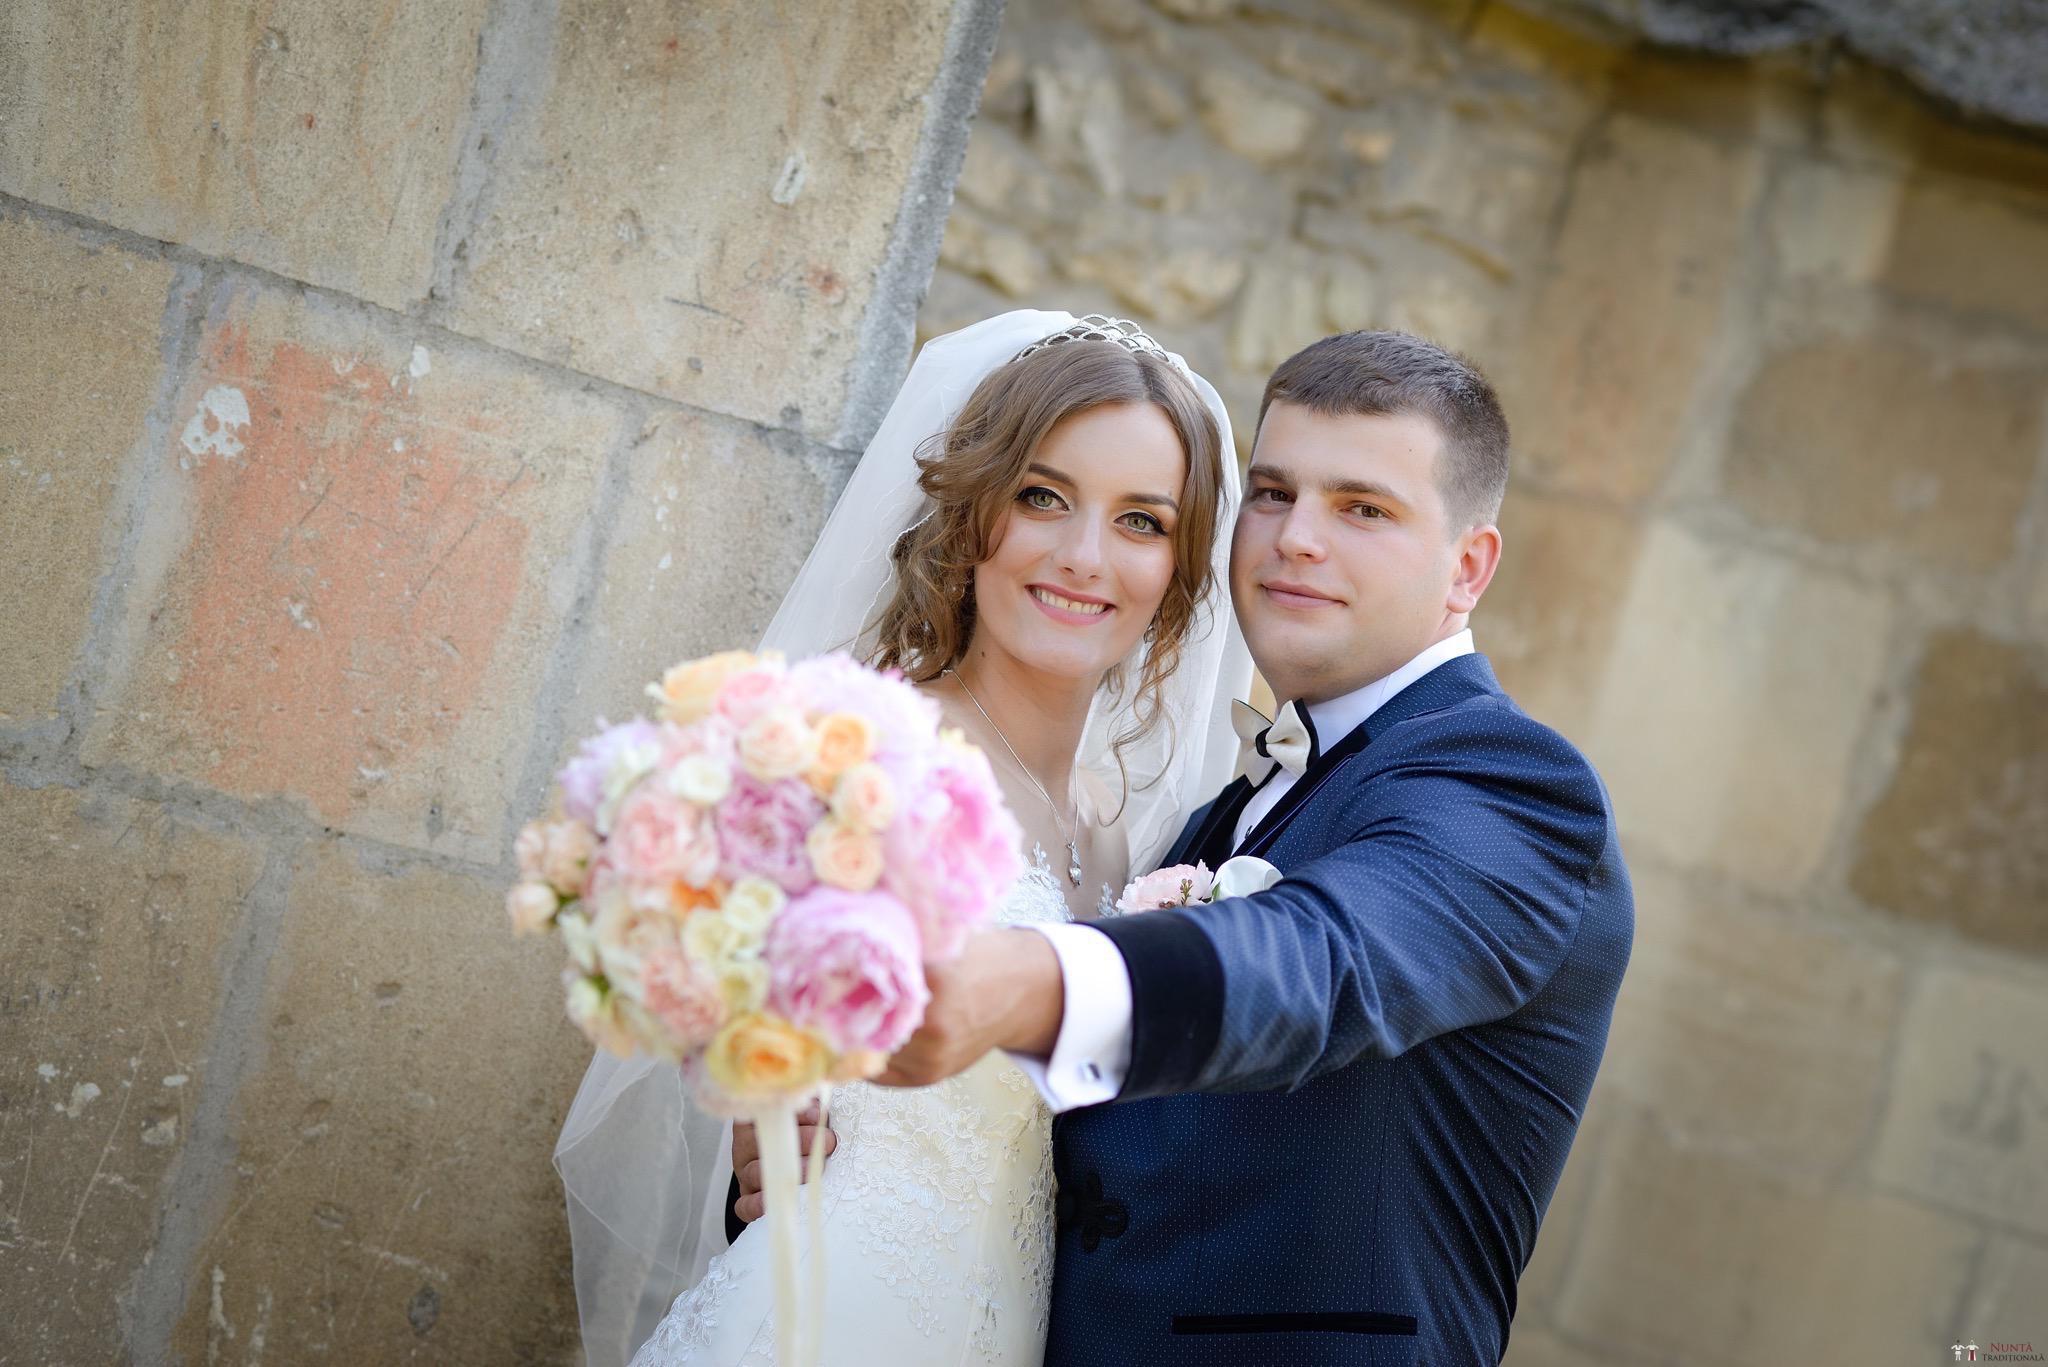 Povești Nunți Tradiționale - Constantin și Simona-Marilena. Nuntă tradițională în Căpâlna, Alba 50